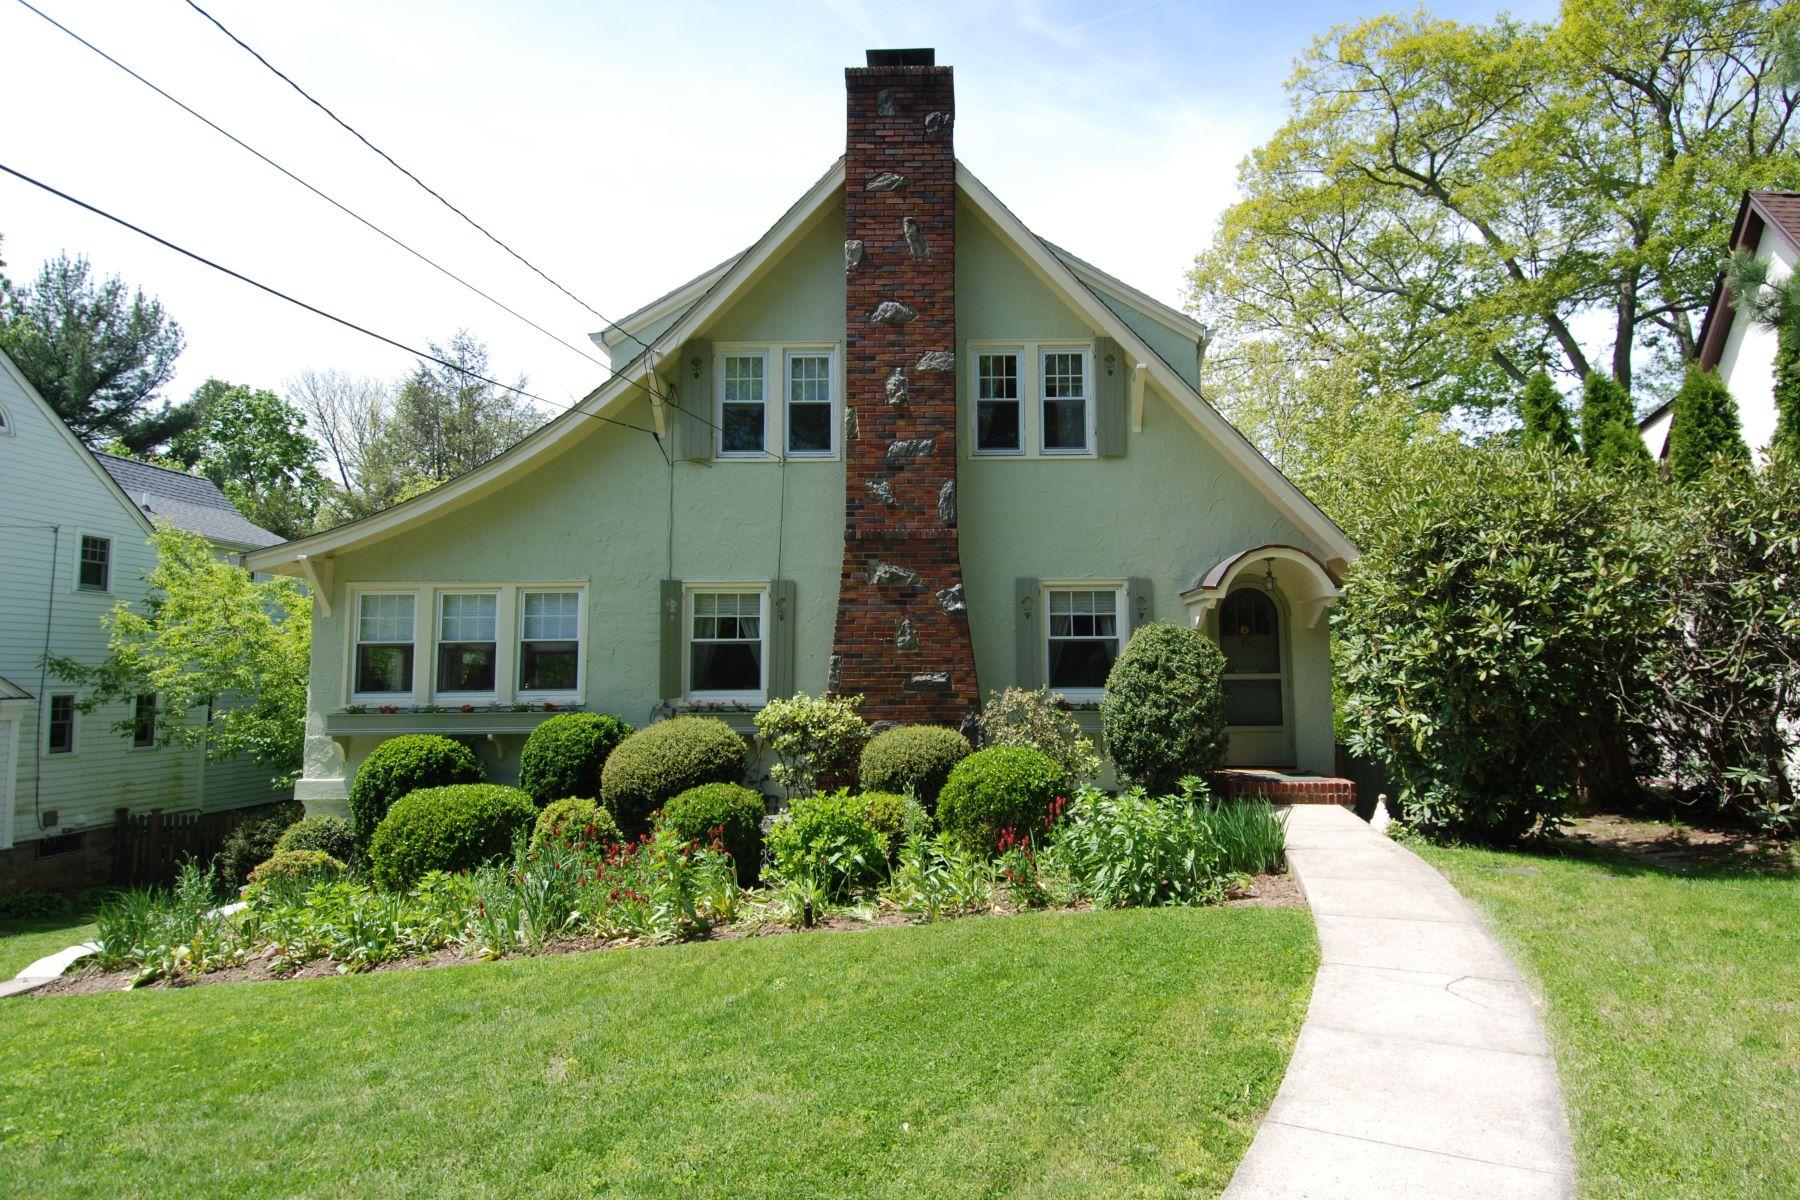 Частный односемейный дом для того Продажа на Captivating Colonial on Cul-de-Sac 75 Briarcliff Road, Larchmont, Нью-Йорк, 10538 Соединенные Штаты